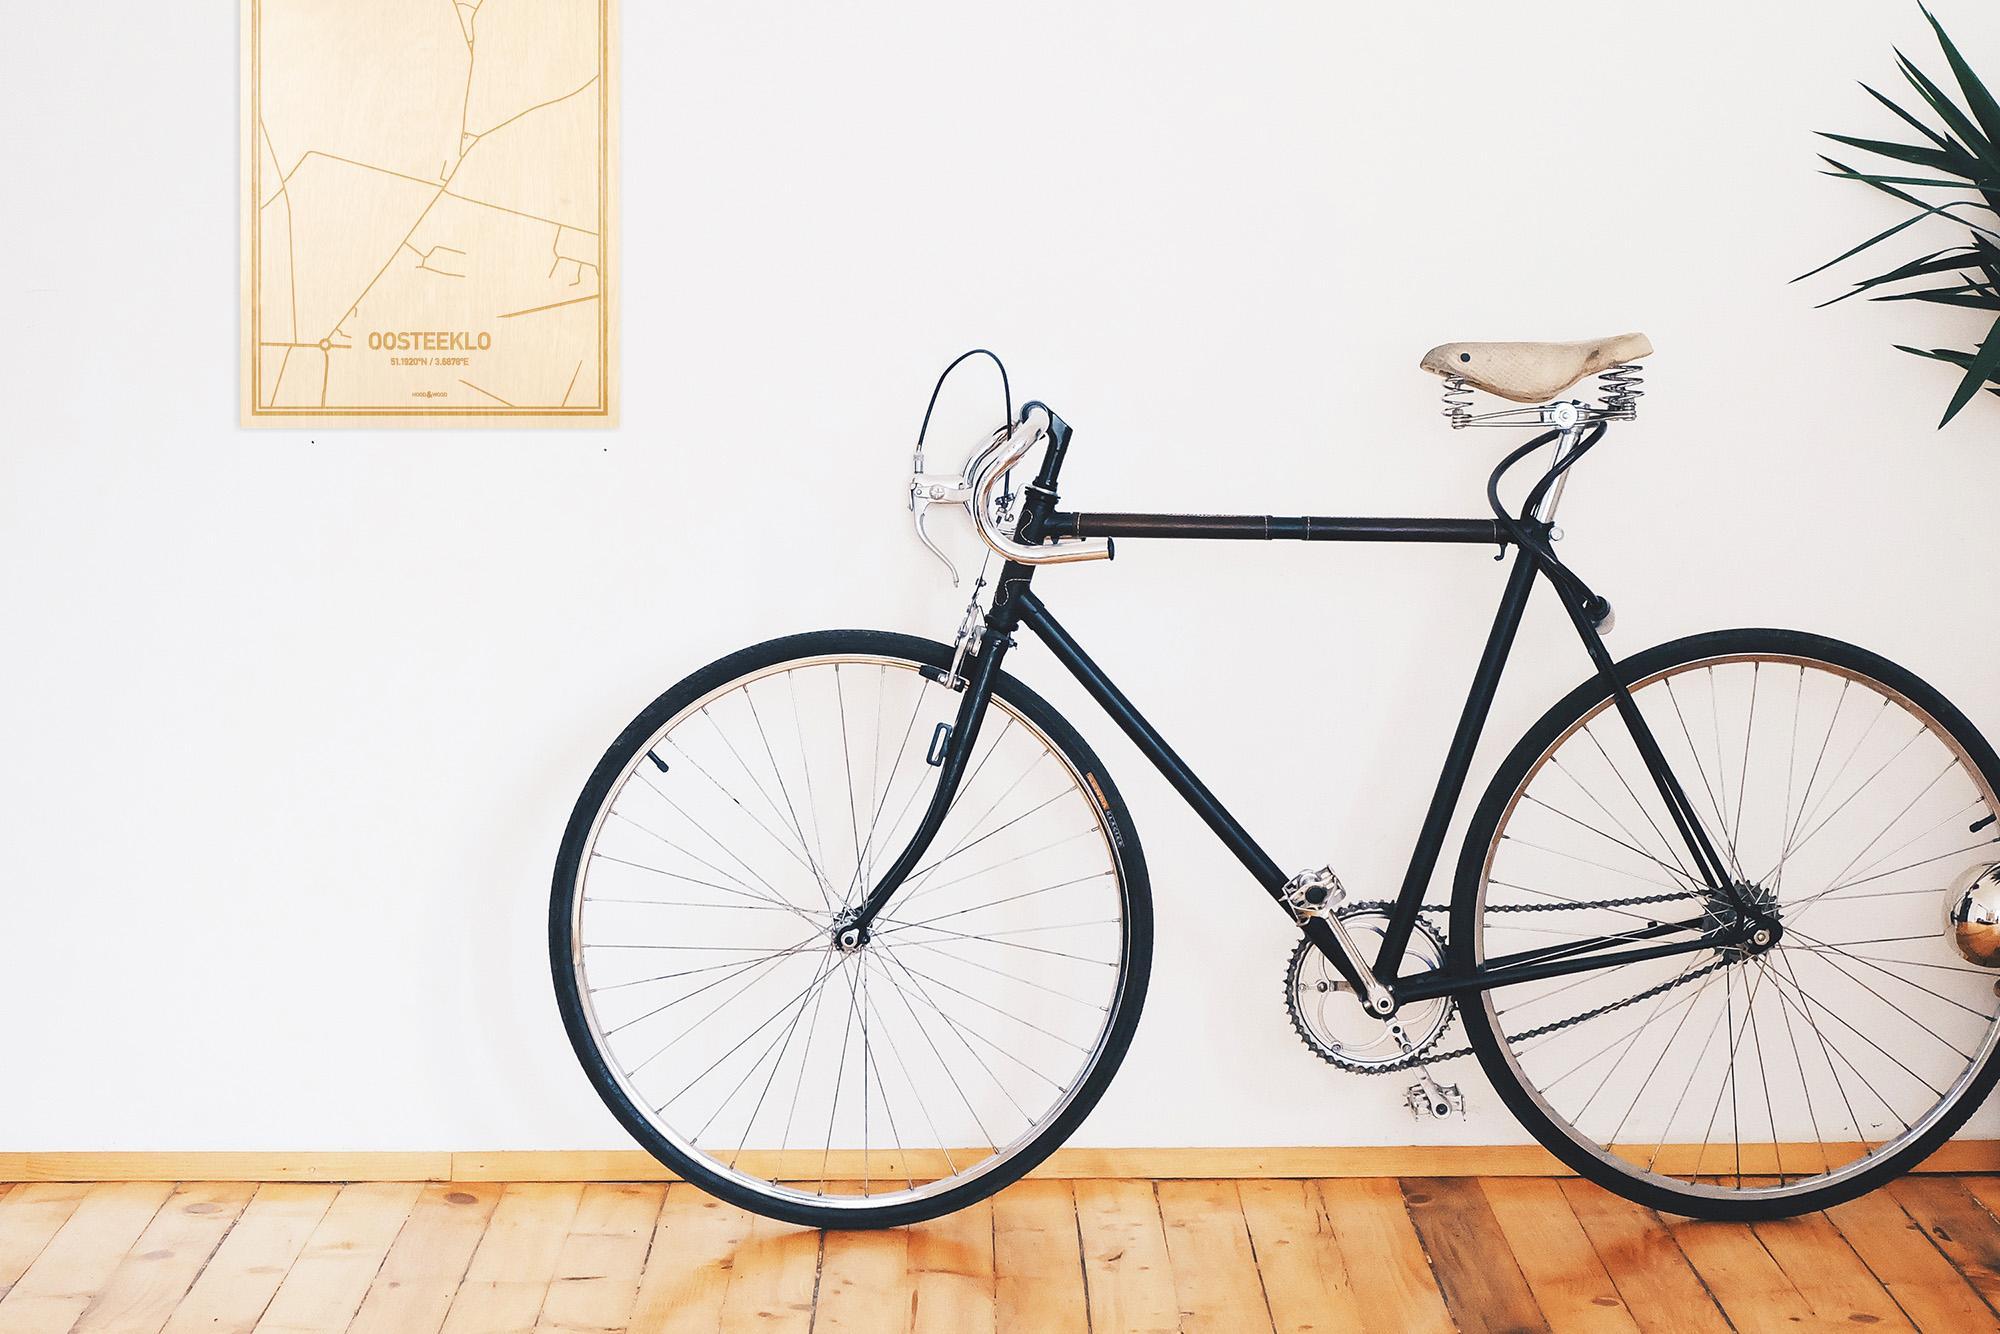 Een snelle fiets in een uniek interieur in Oost-Vlaanderen  met mooie decoratie zoals de plattegrond Oosteeklo.